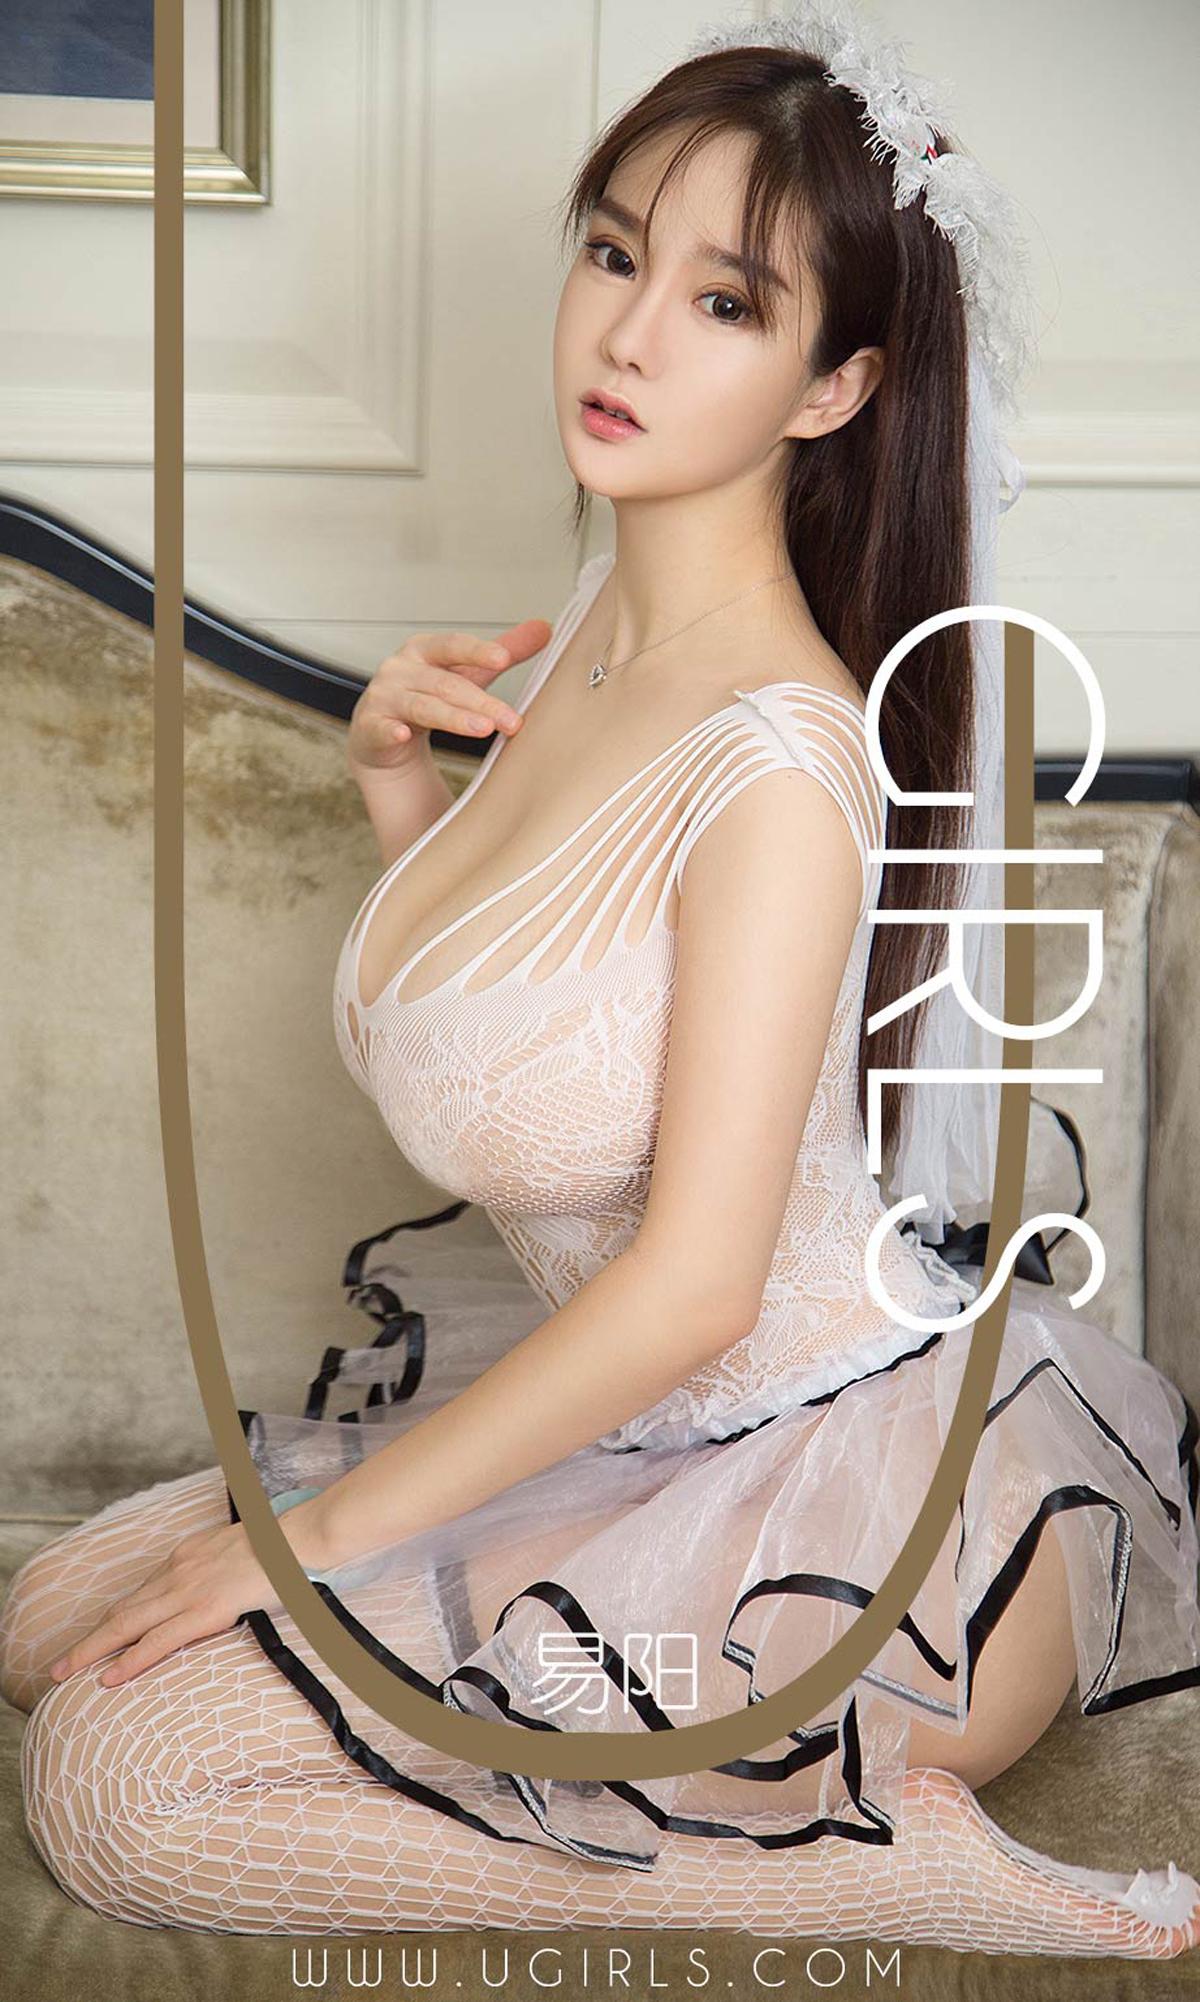 [Ugirls]爱尤物 No.1372 盛宴 易阳 [35P